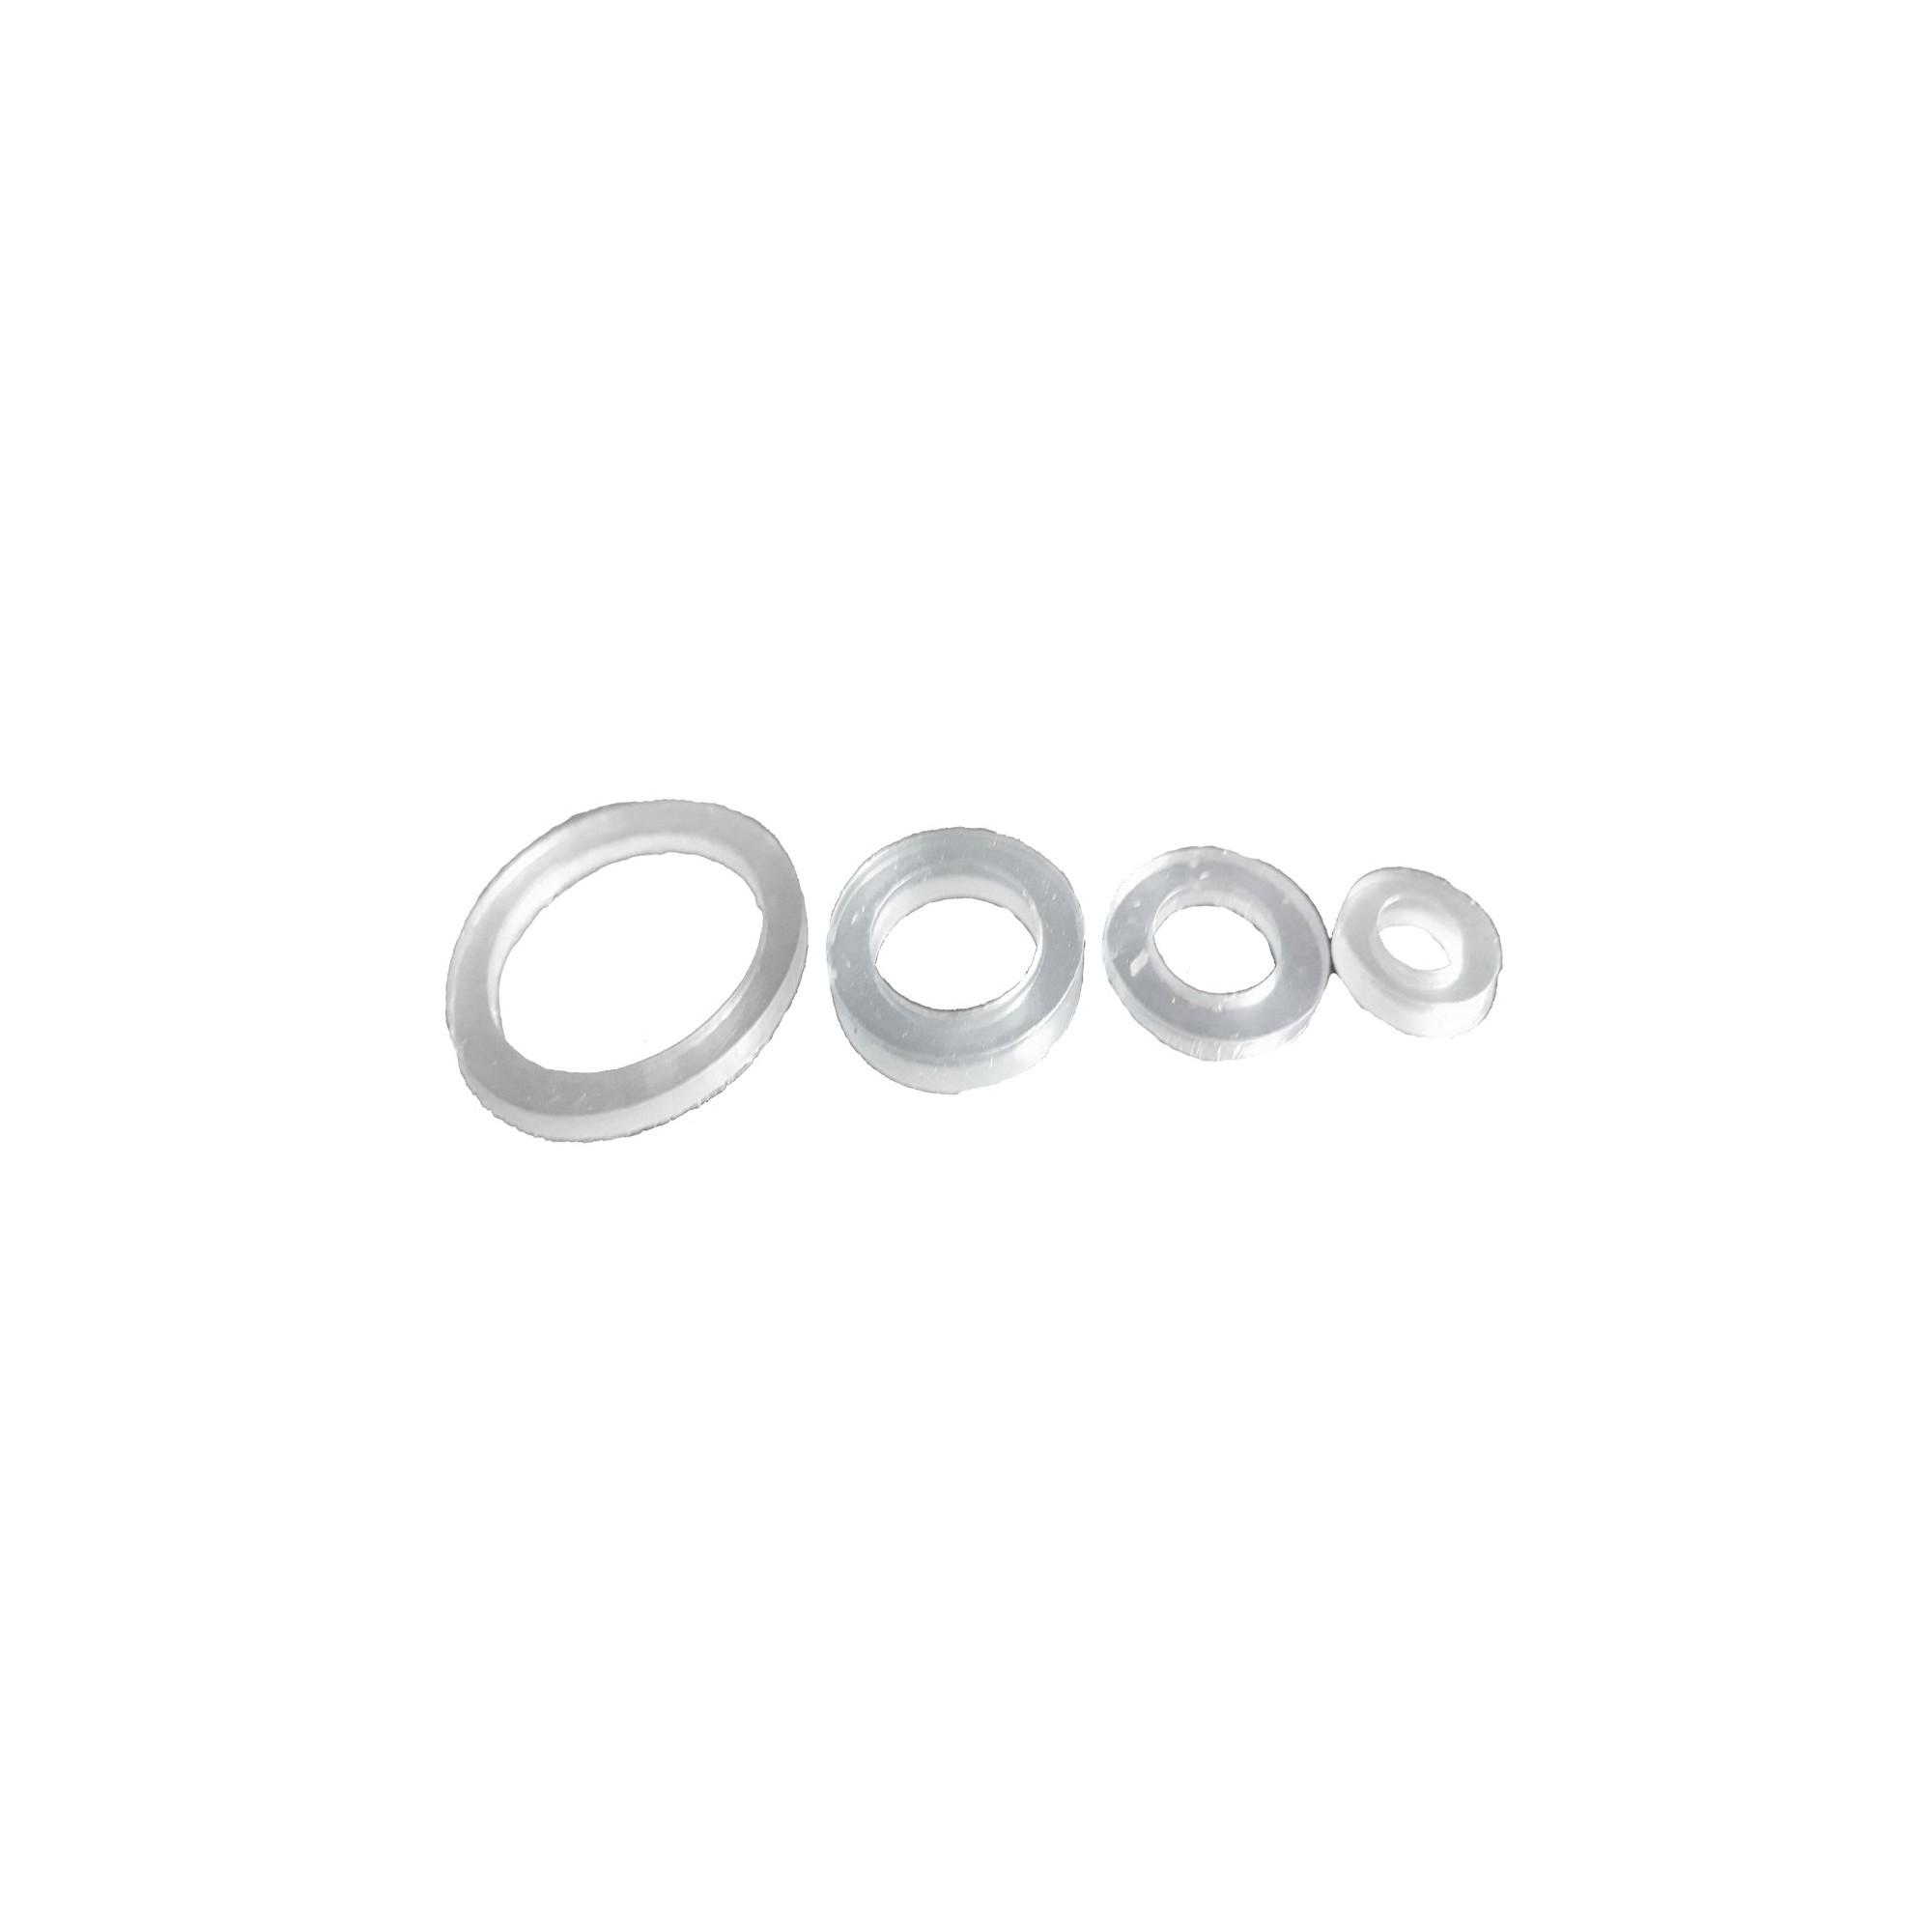 Упаковка силиконовых прокладок 100 шт 3/4 ПВХ J.G. - 1